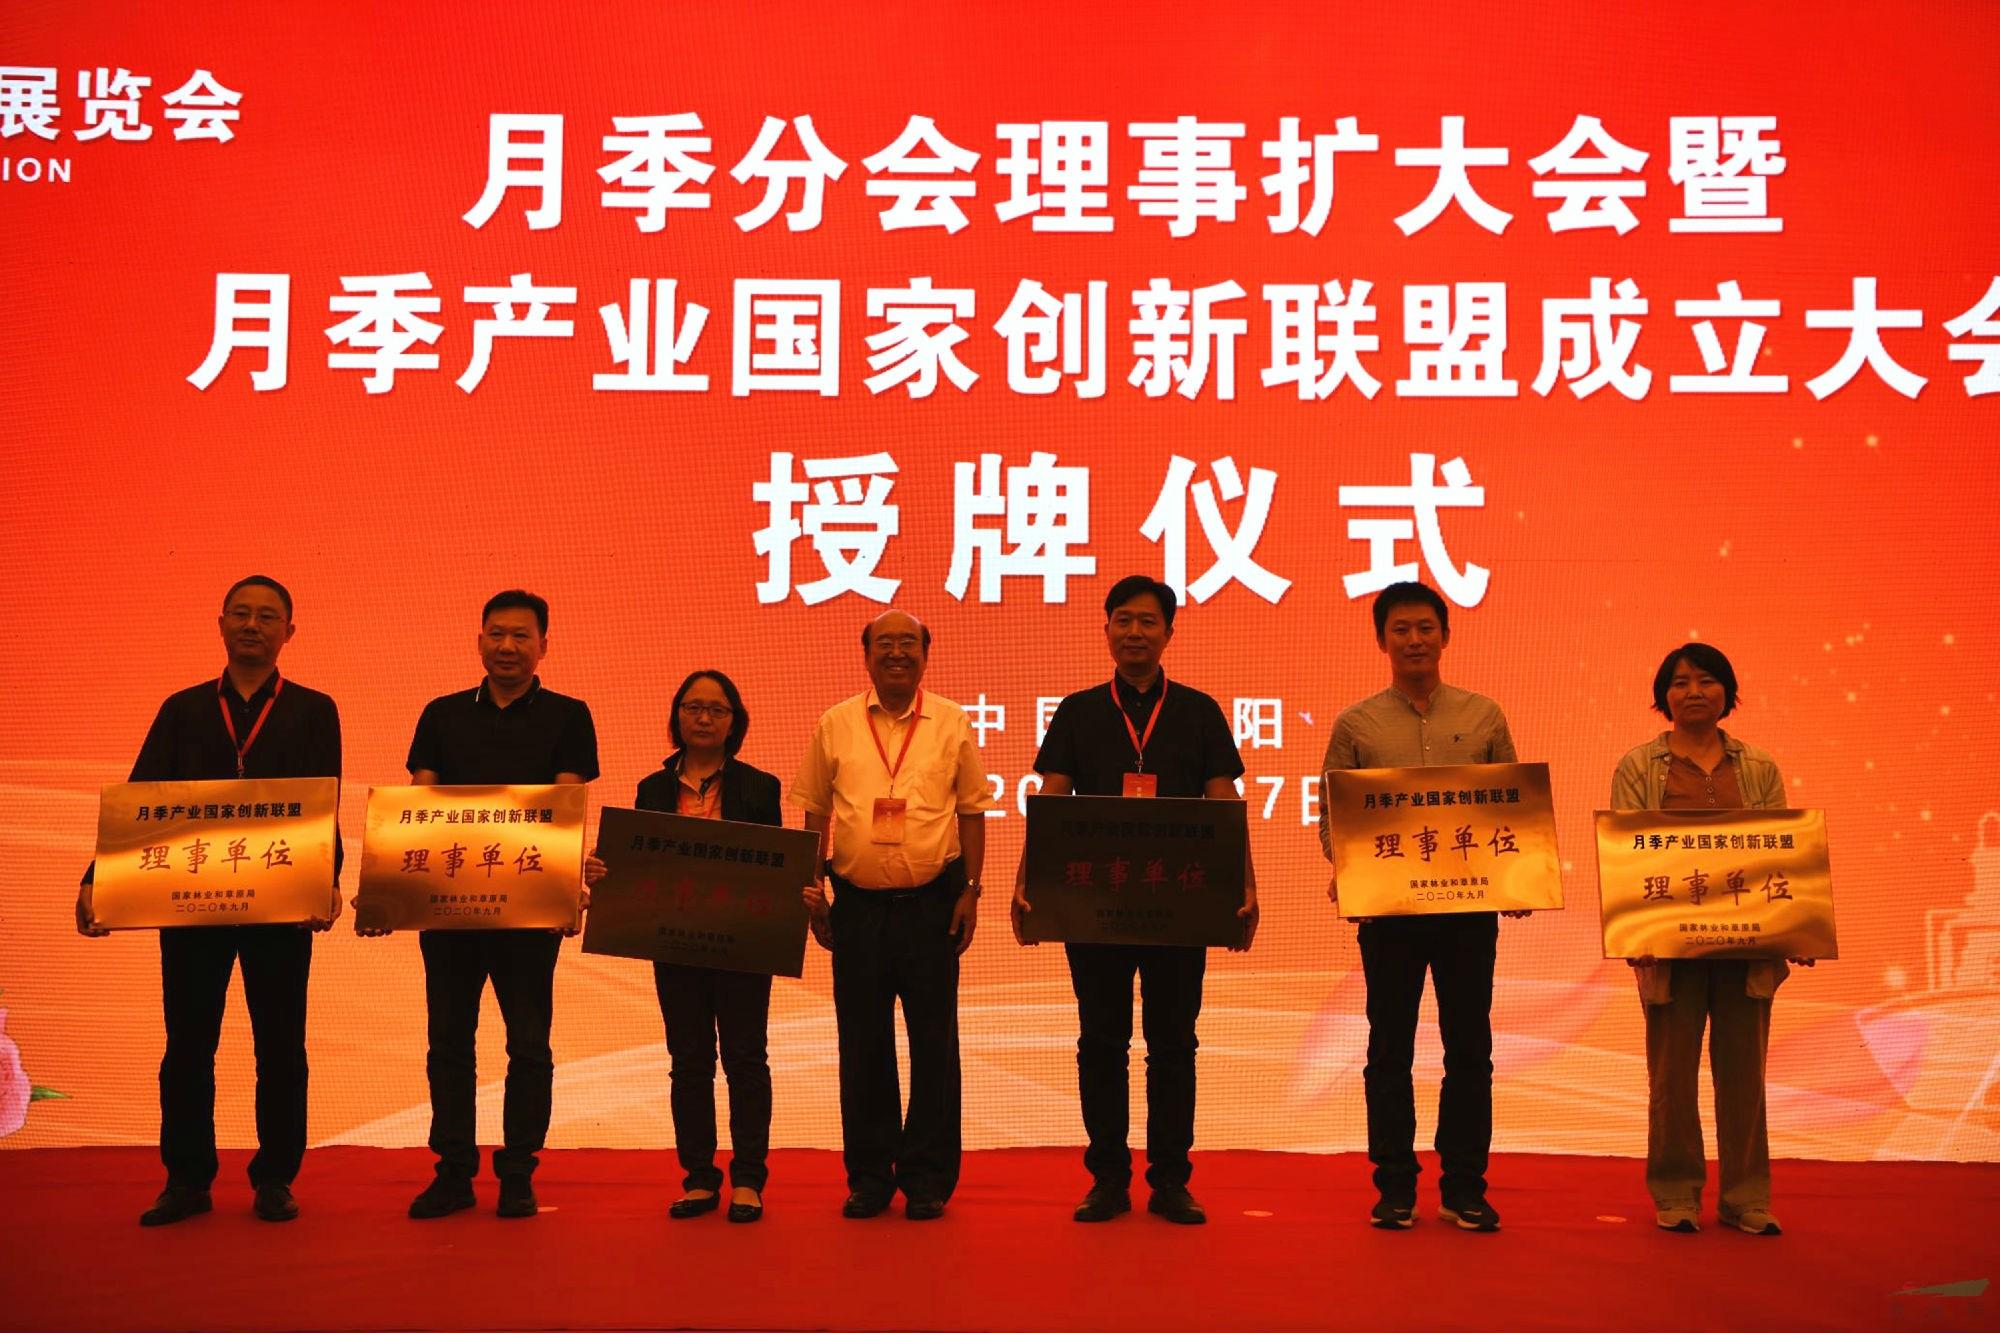 整合优势资源 助力产业发展 月季产业国家创新联盟在安徽阜阳成立